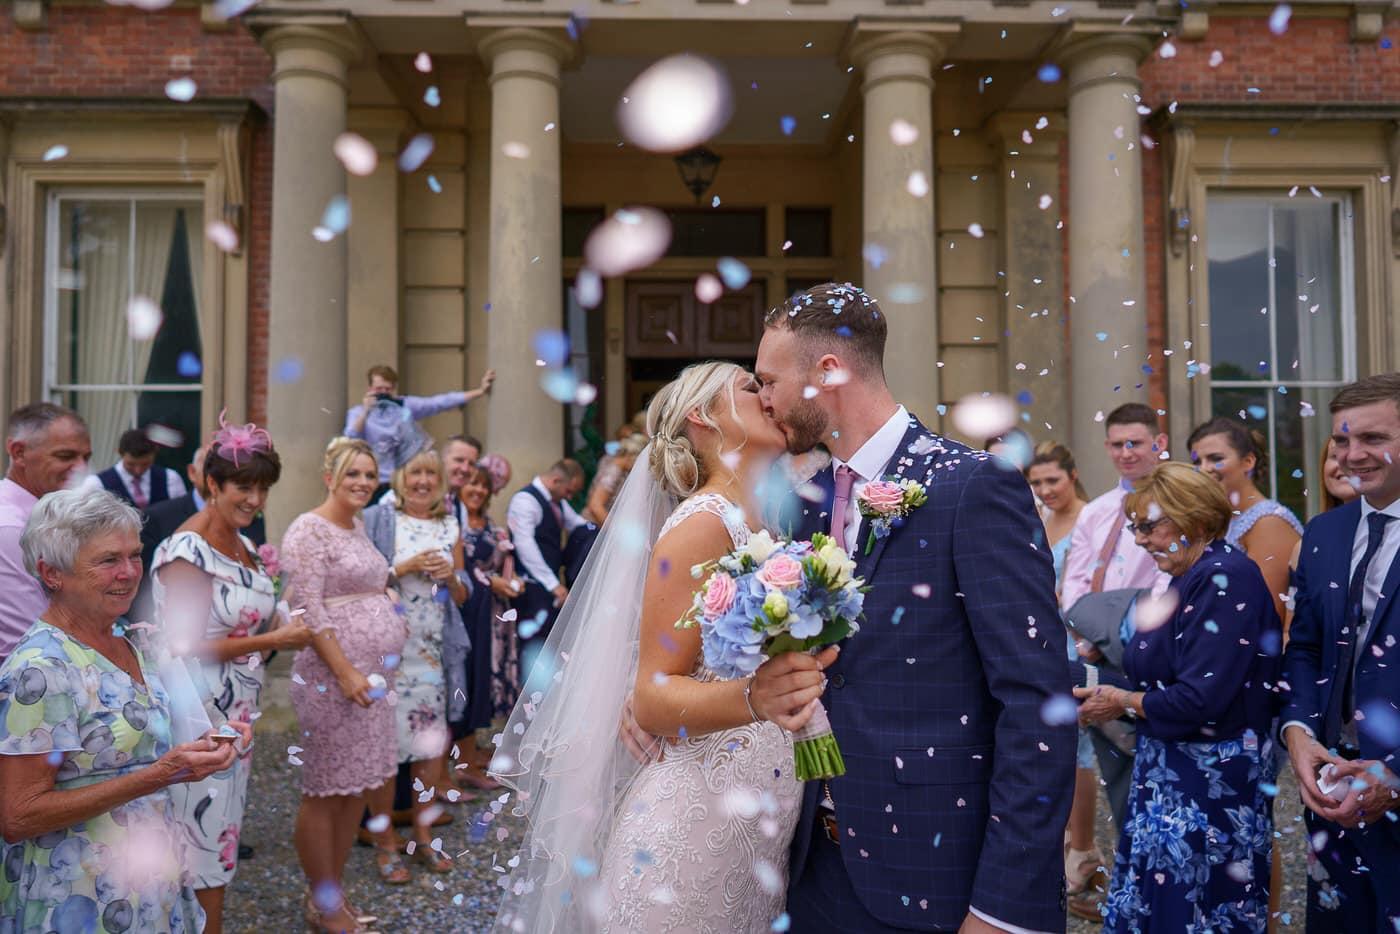 NETLEY HALL WEDDING PHOTOGRAPHER 1348